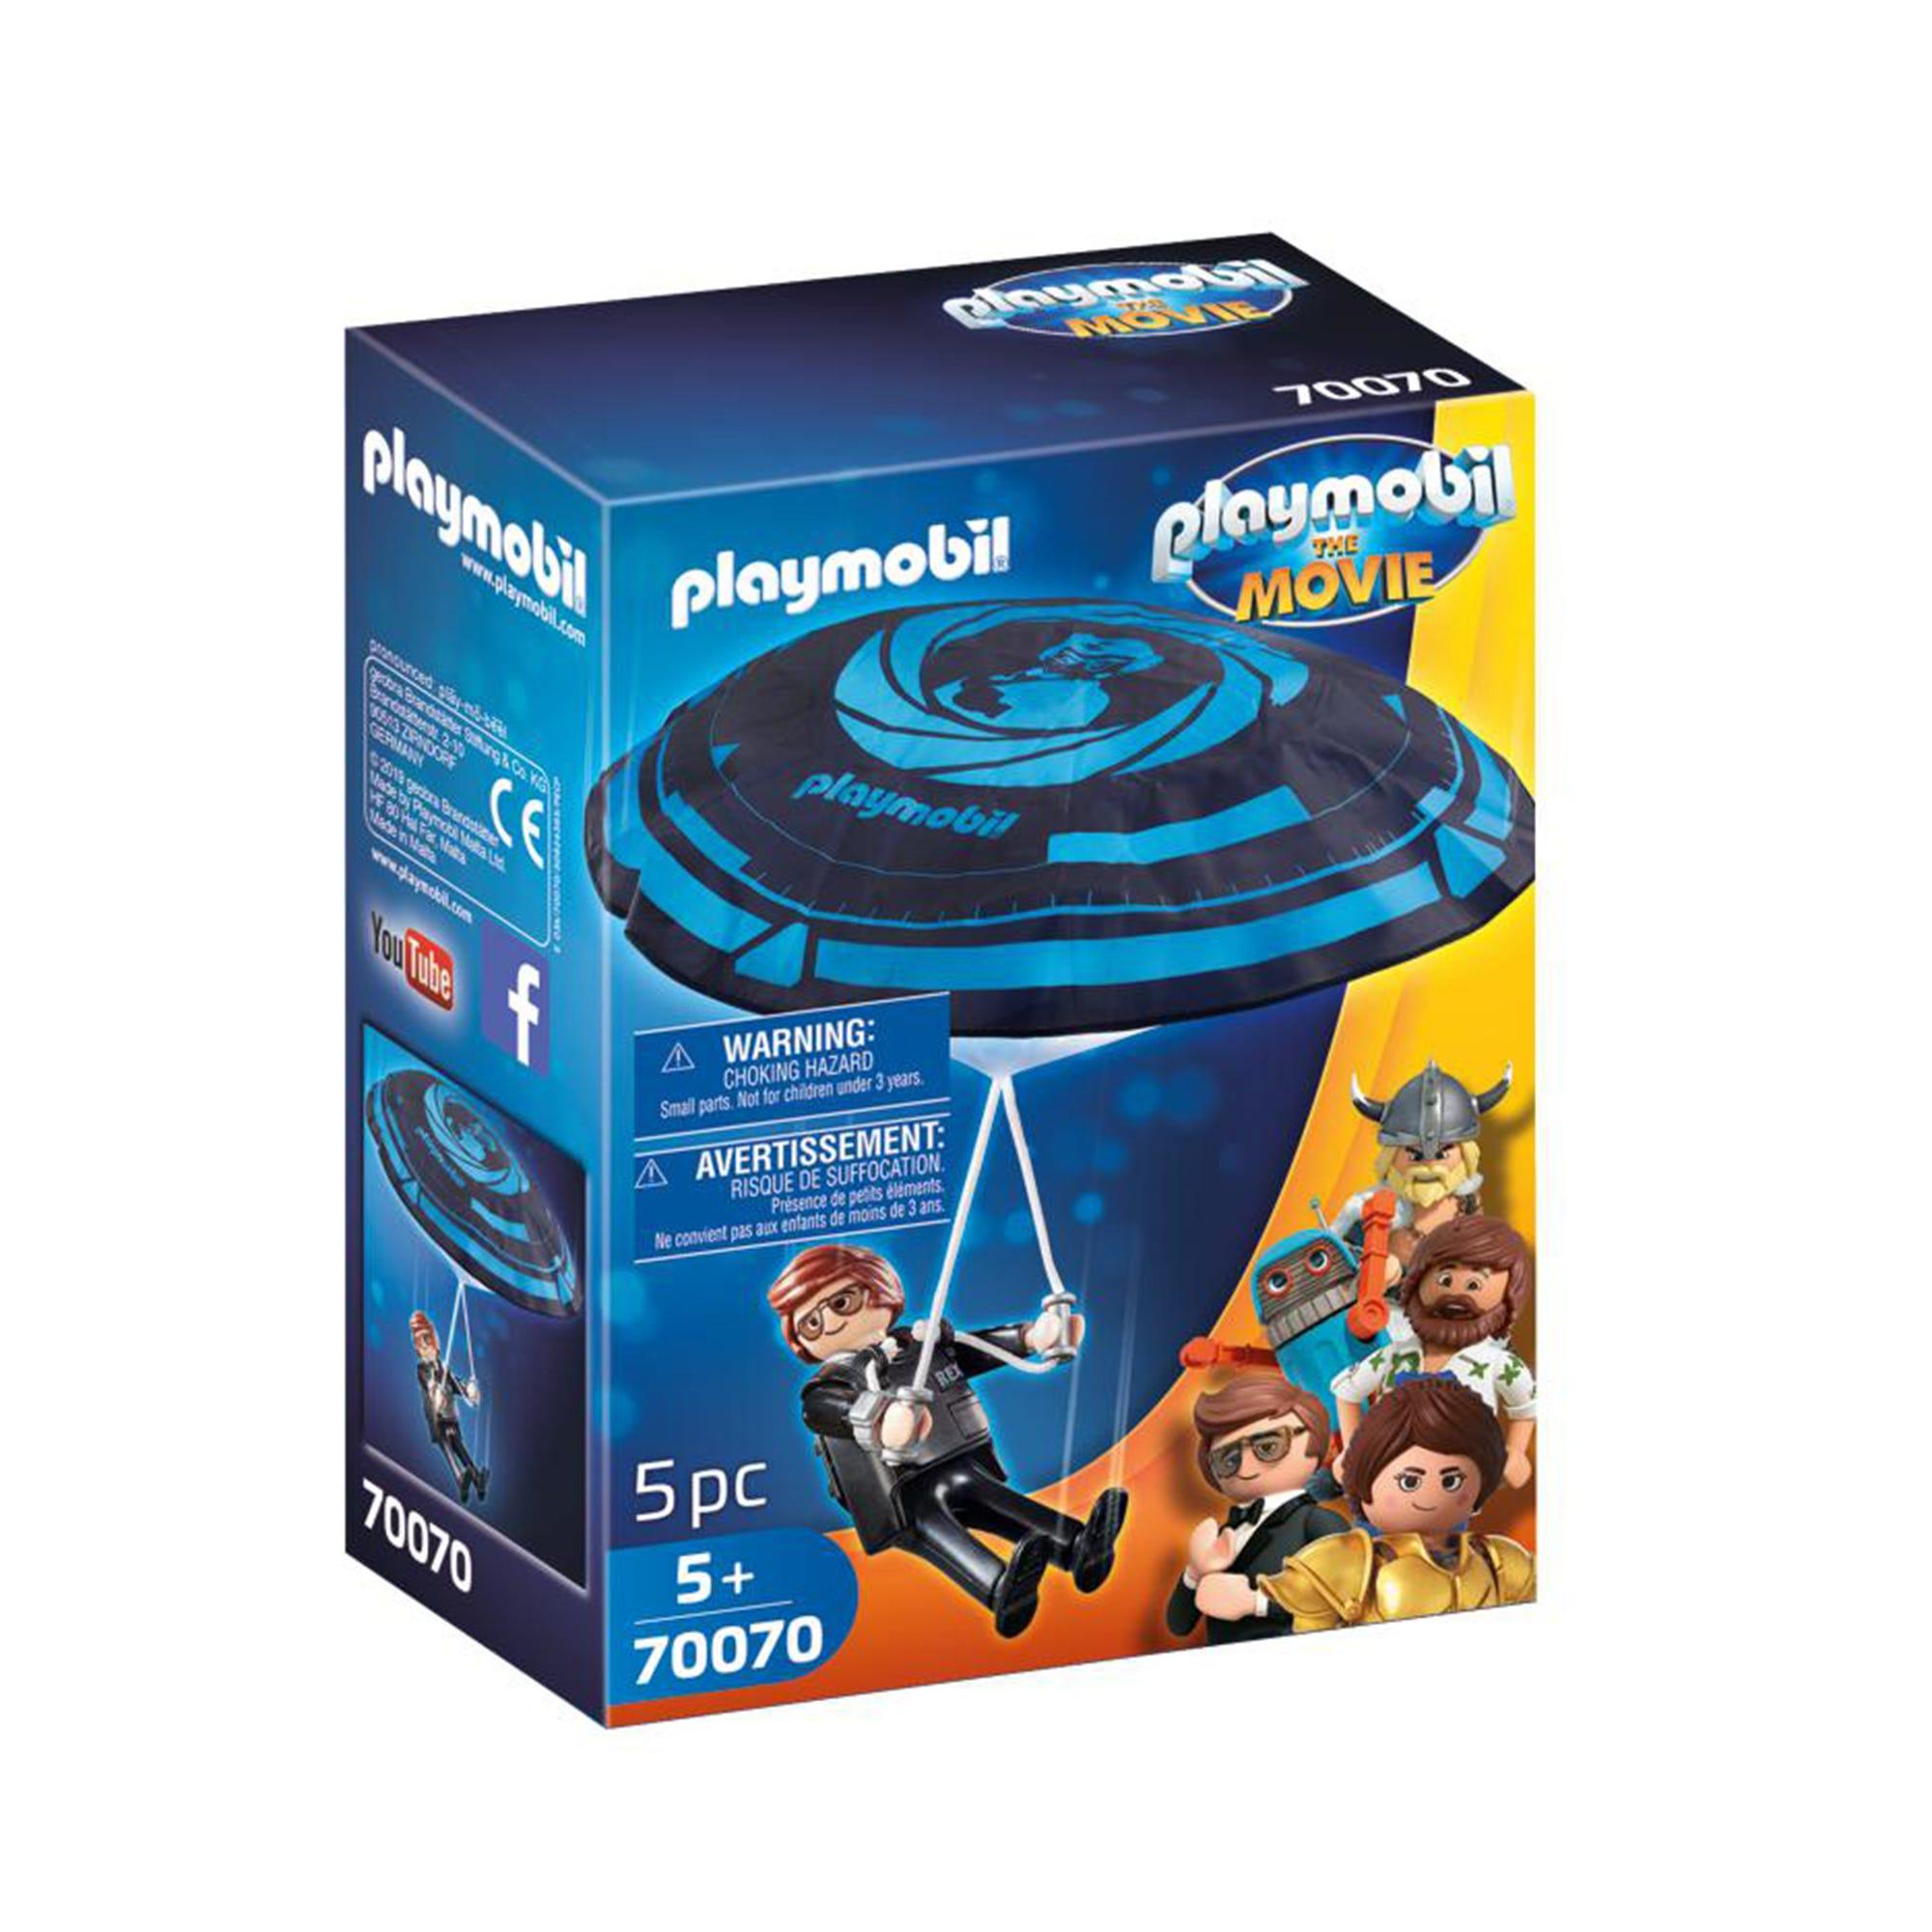 Playmobil 70070 Playmobil: THE MOVIE Rex Dasher With Parachu